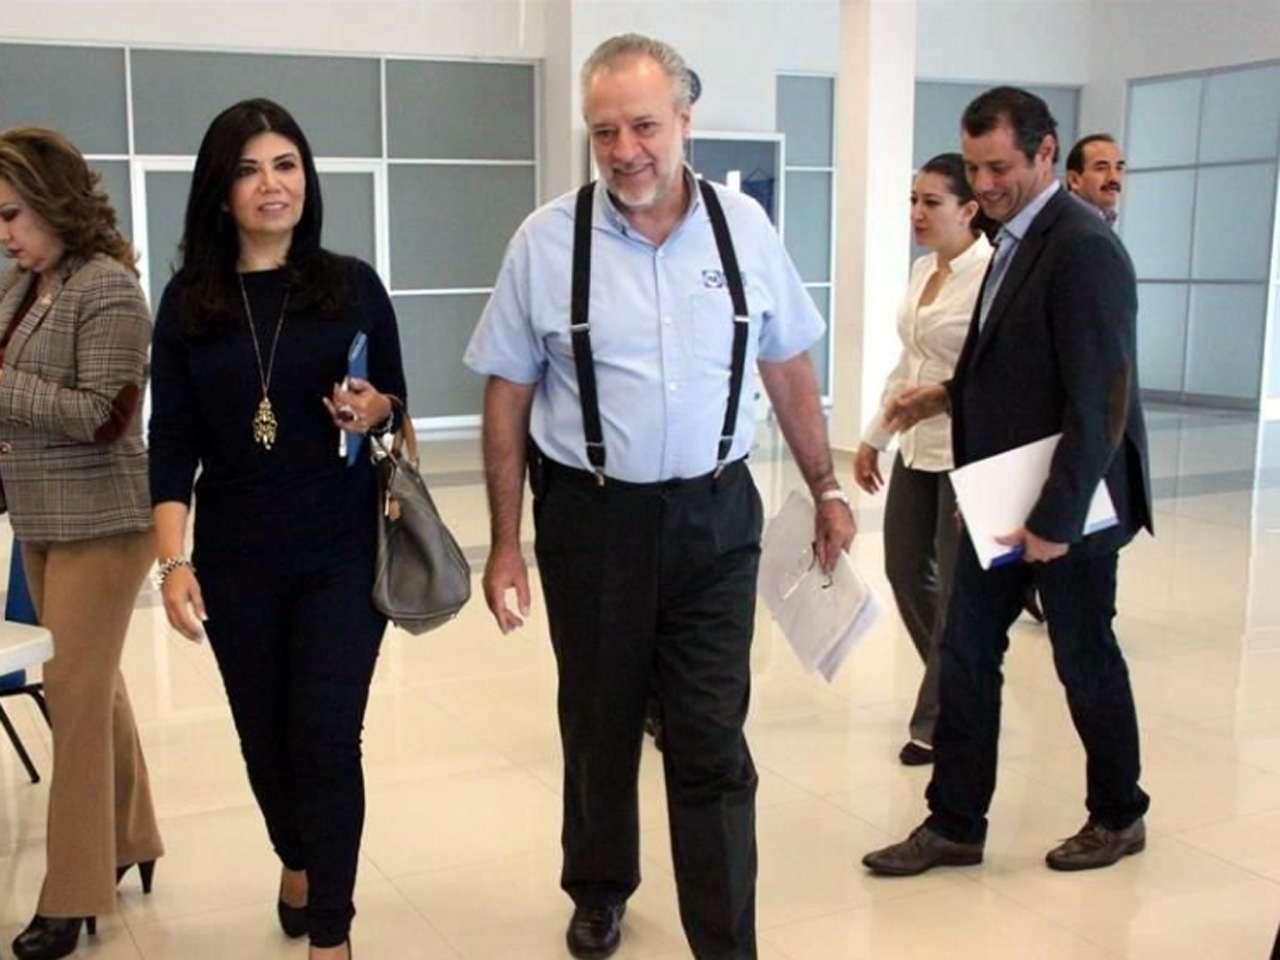 El líder del PAN en León dijo que Medina cuenta con arraigo entre la población Foto: Archivo/Reforma